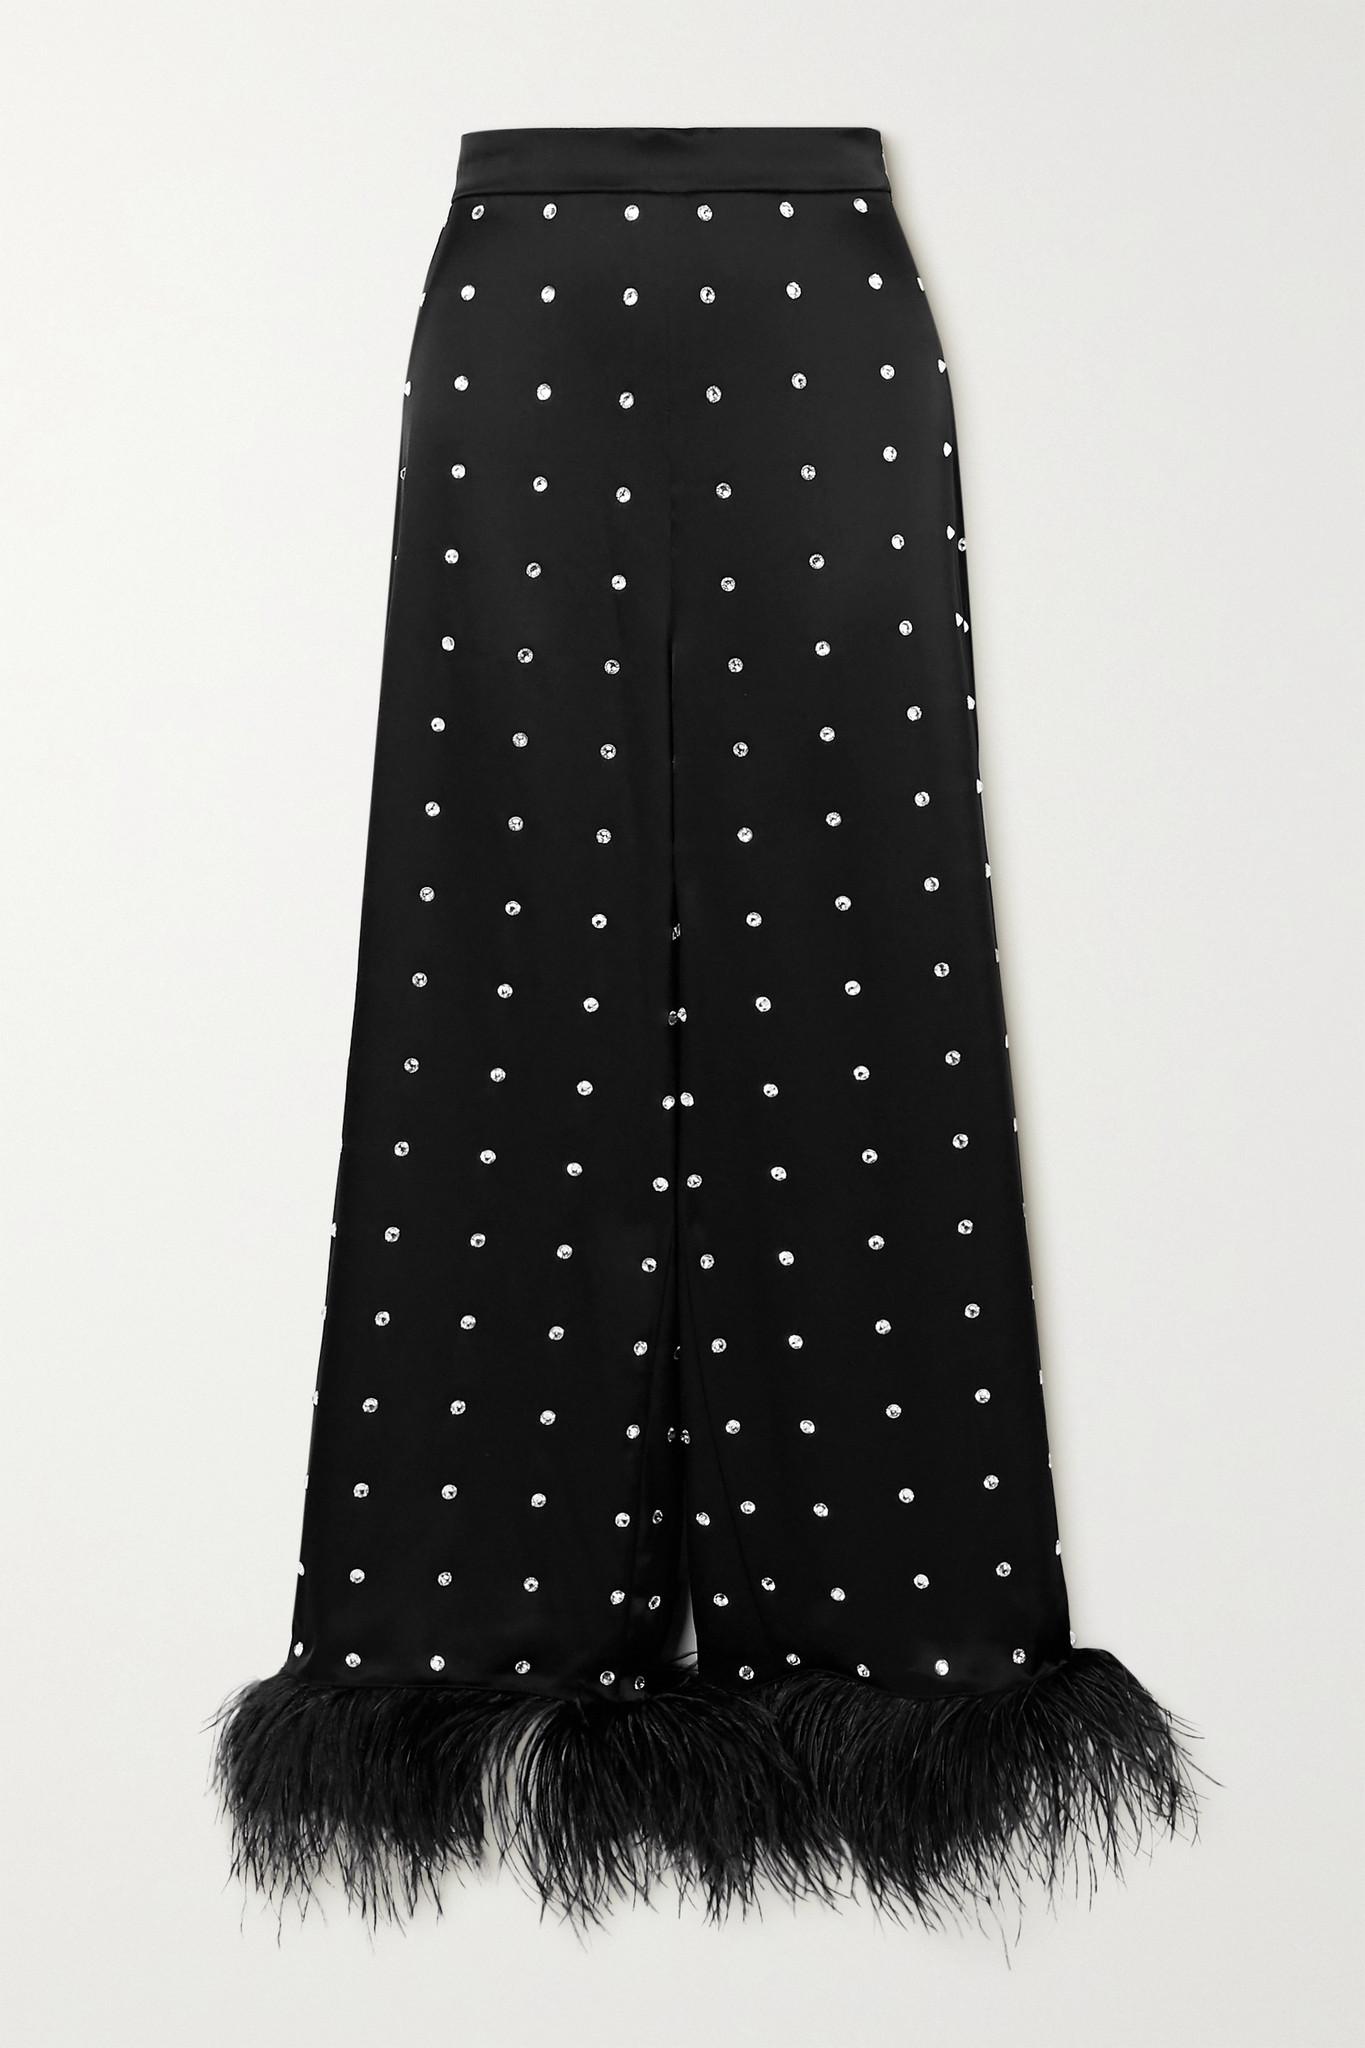 DAVID KOMA - Cropped Feather-trimmed Crystal-embellished Satin Wide-leg Pants - Black - UK8